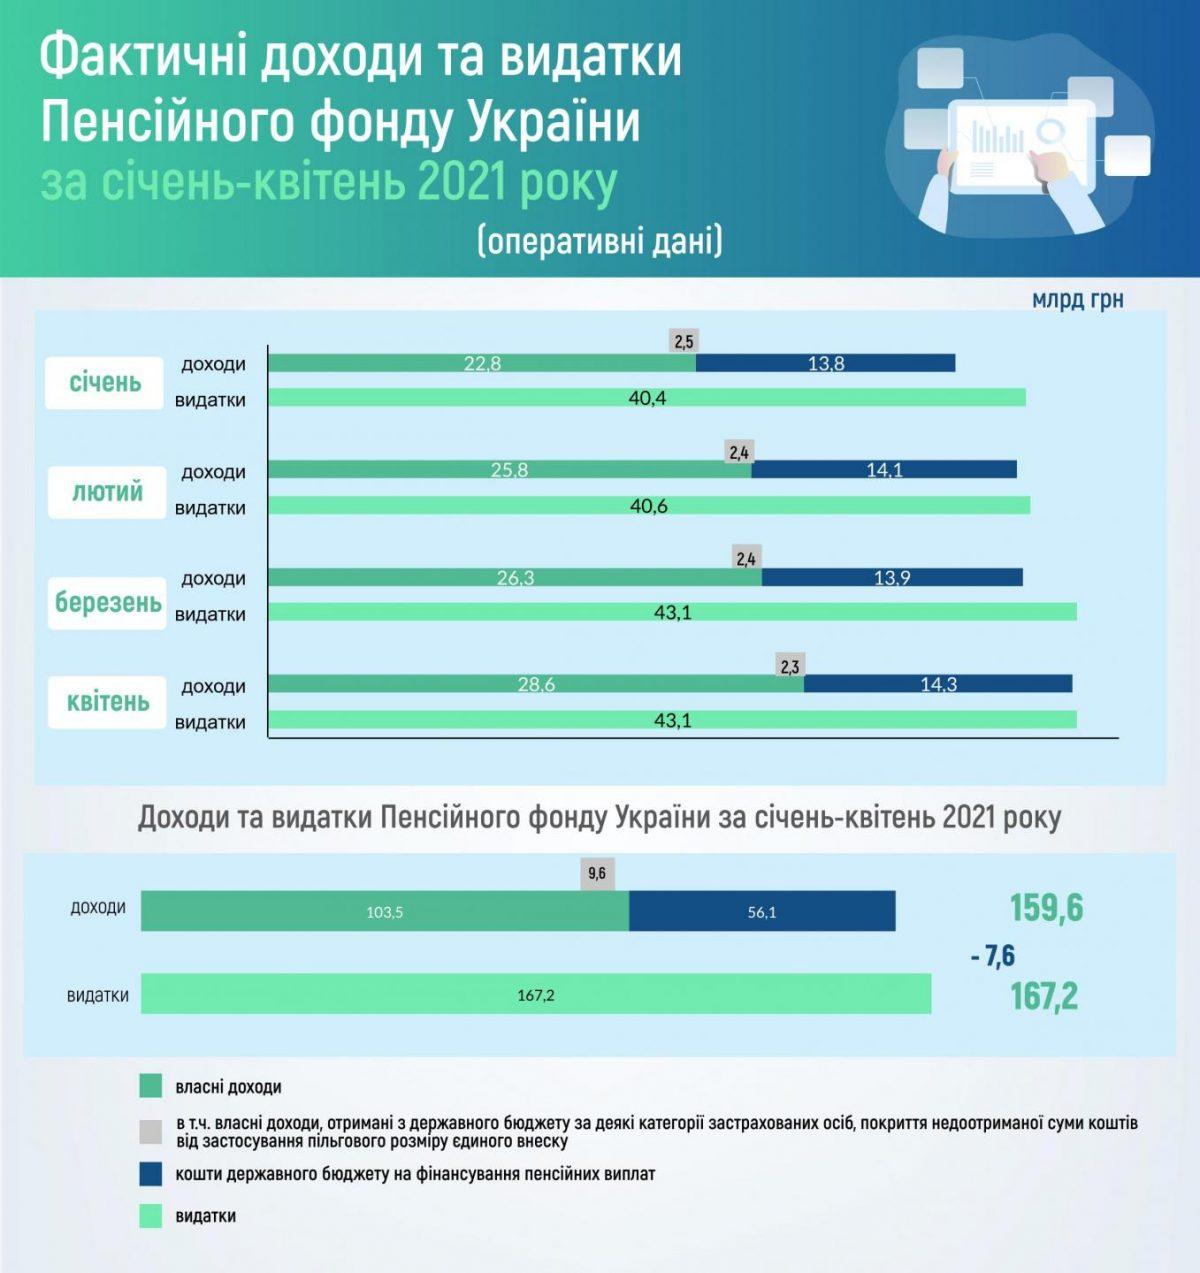 Деньги на выплату пенсий. Доходы Пенсионного фонда от ЕСВ выросли: инфографика